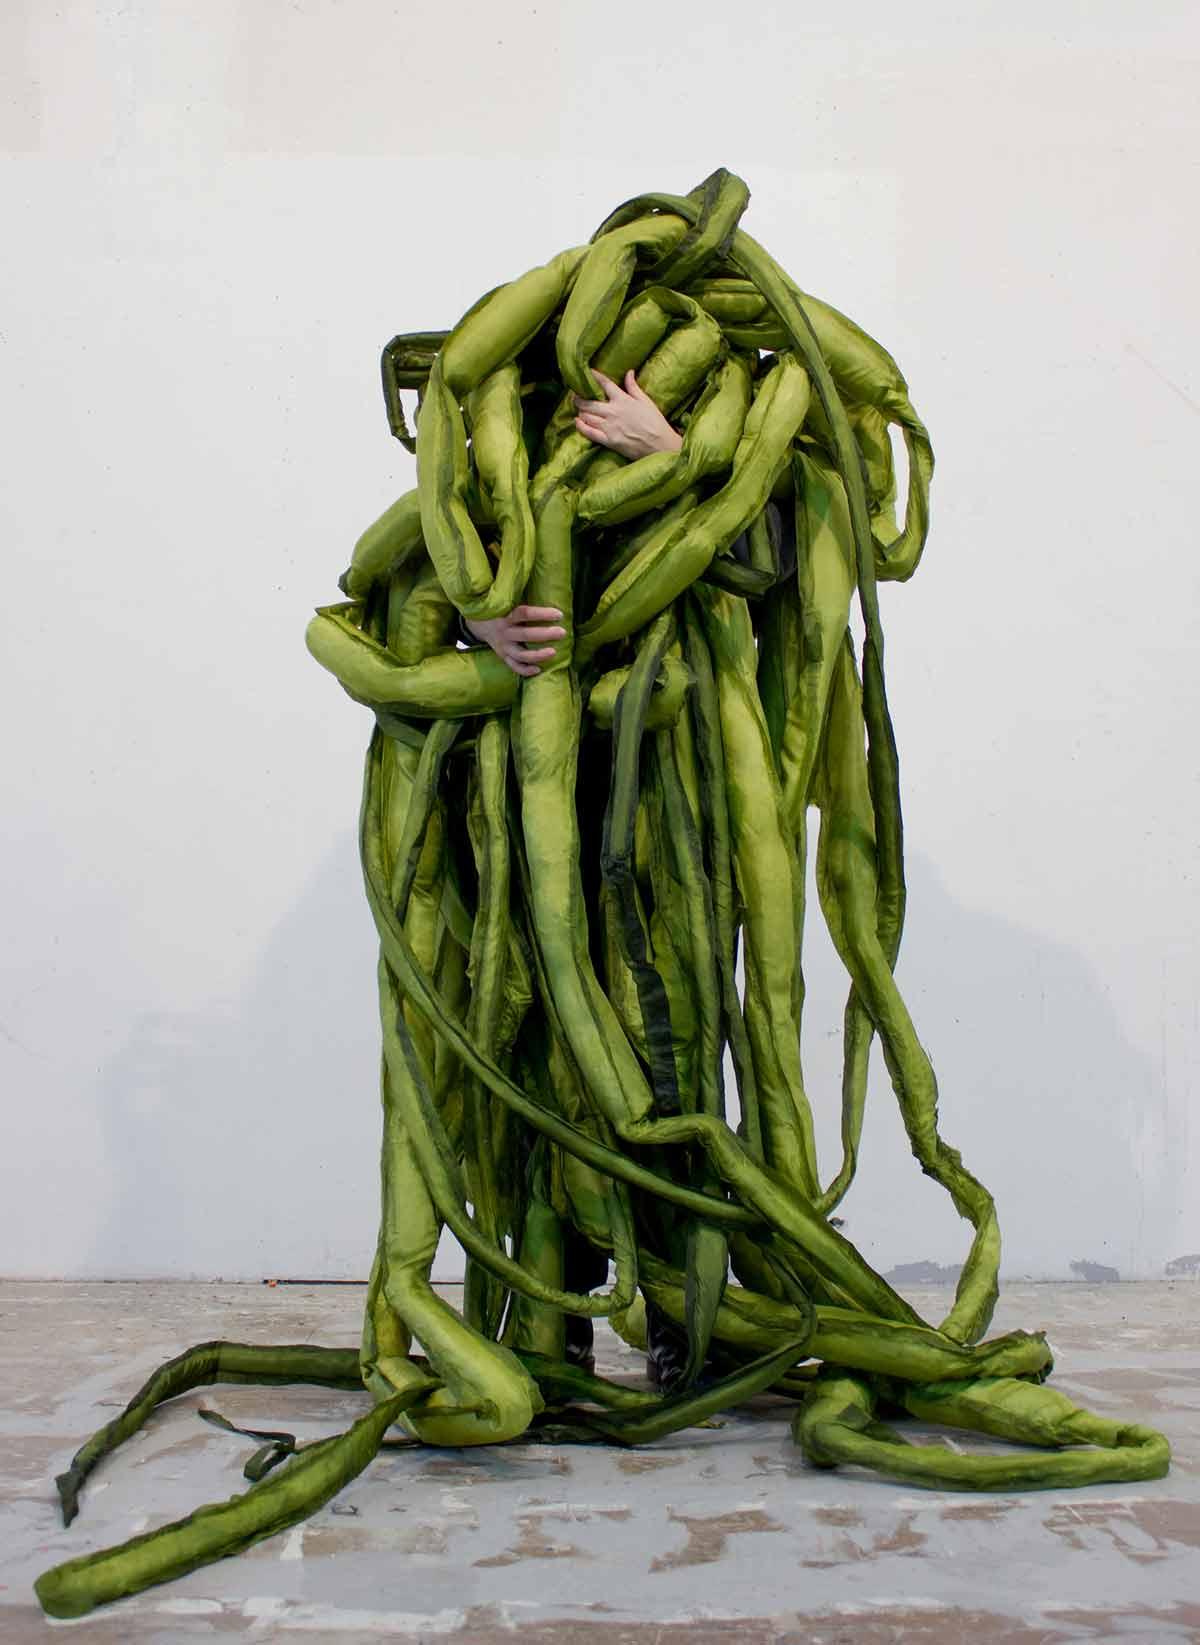 Um encontro vegetal - diálogo vivo com a natureza Artes & contextos 01 La Casa Encendida Un encuentro vegetal A Great Seaweed Day Gut Weed Ulva Intestinalis Ingela Ihrman 2019 jpg